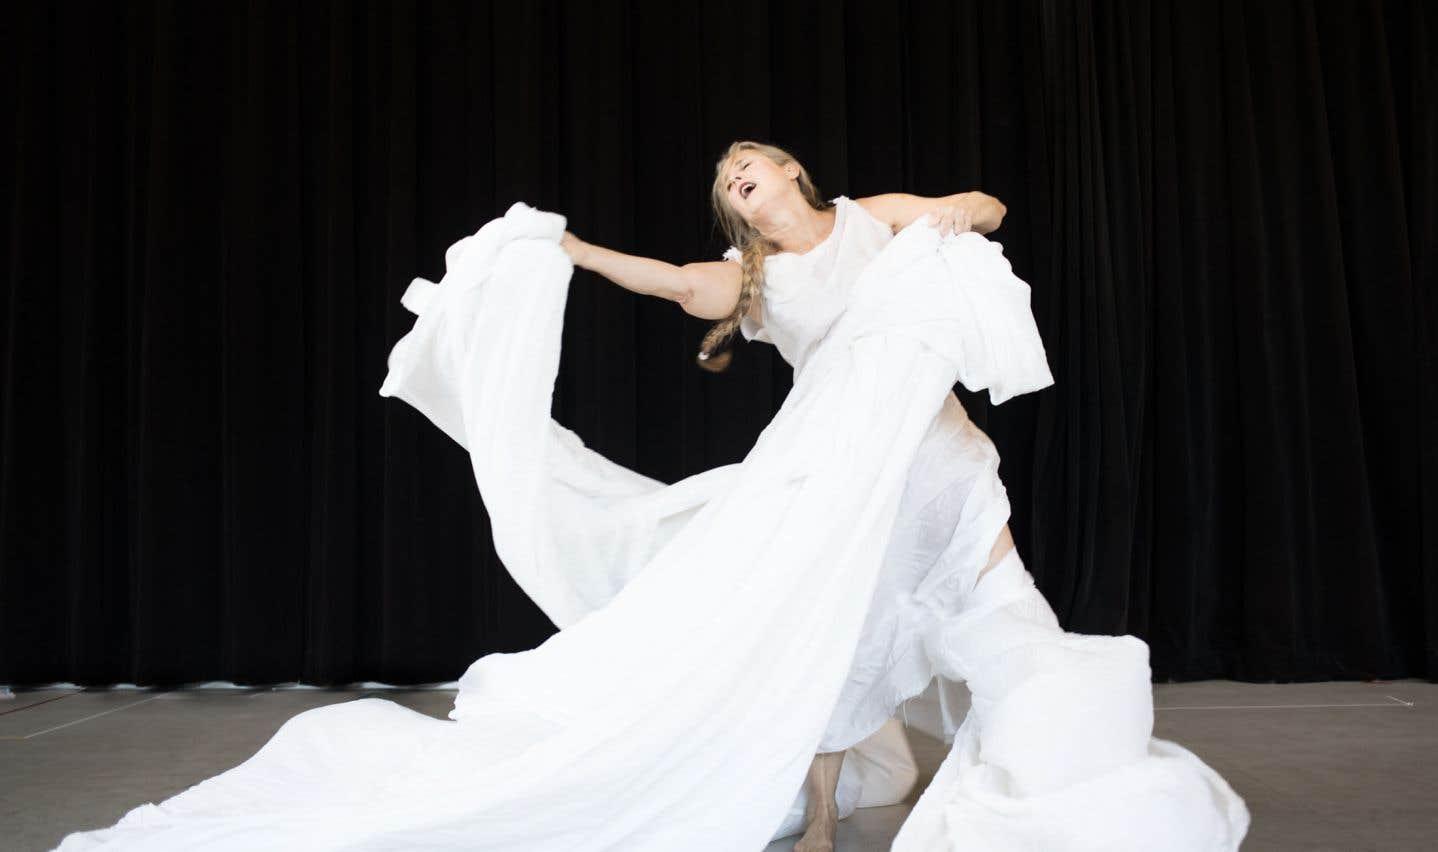 danse et art de la contorsion s hybrident pour aborder le cycle du vivant dans sang bleu le. Black Bedroom Furniture Sets. Home Design Ideas